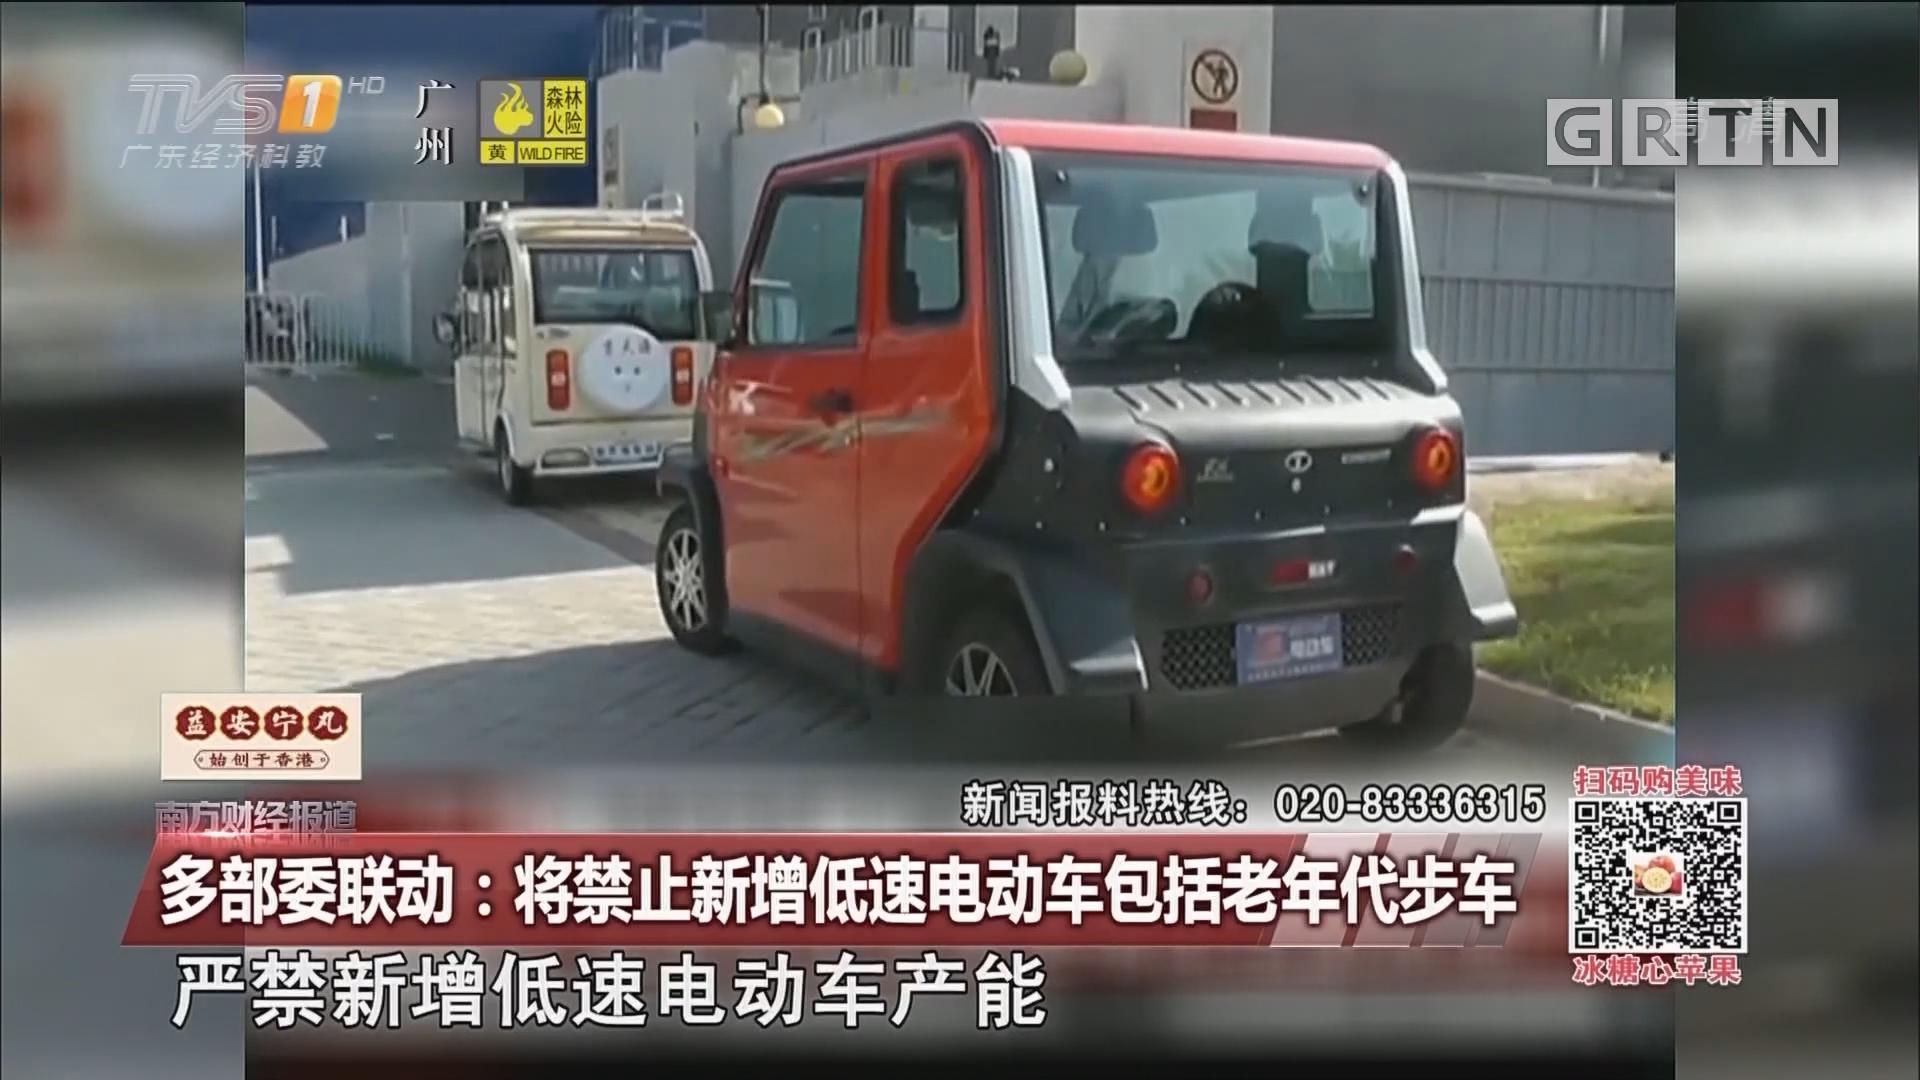 多部委联动:将禁止新增低速电动车包括老年代步车